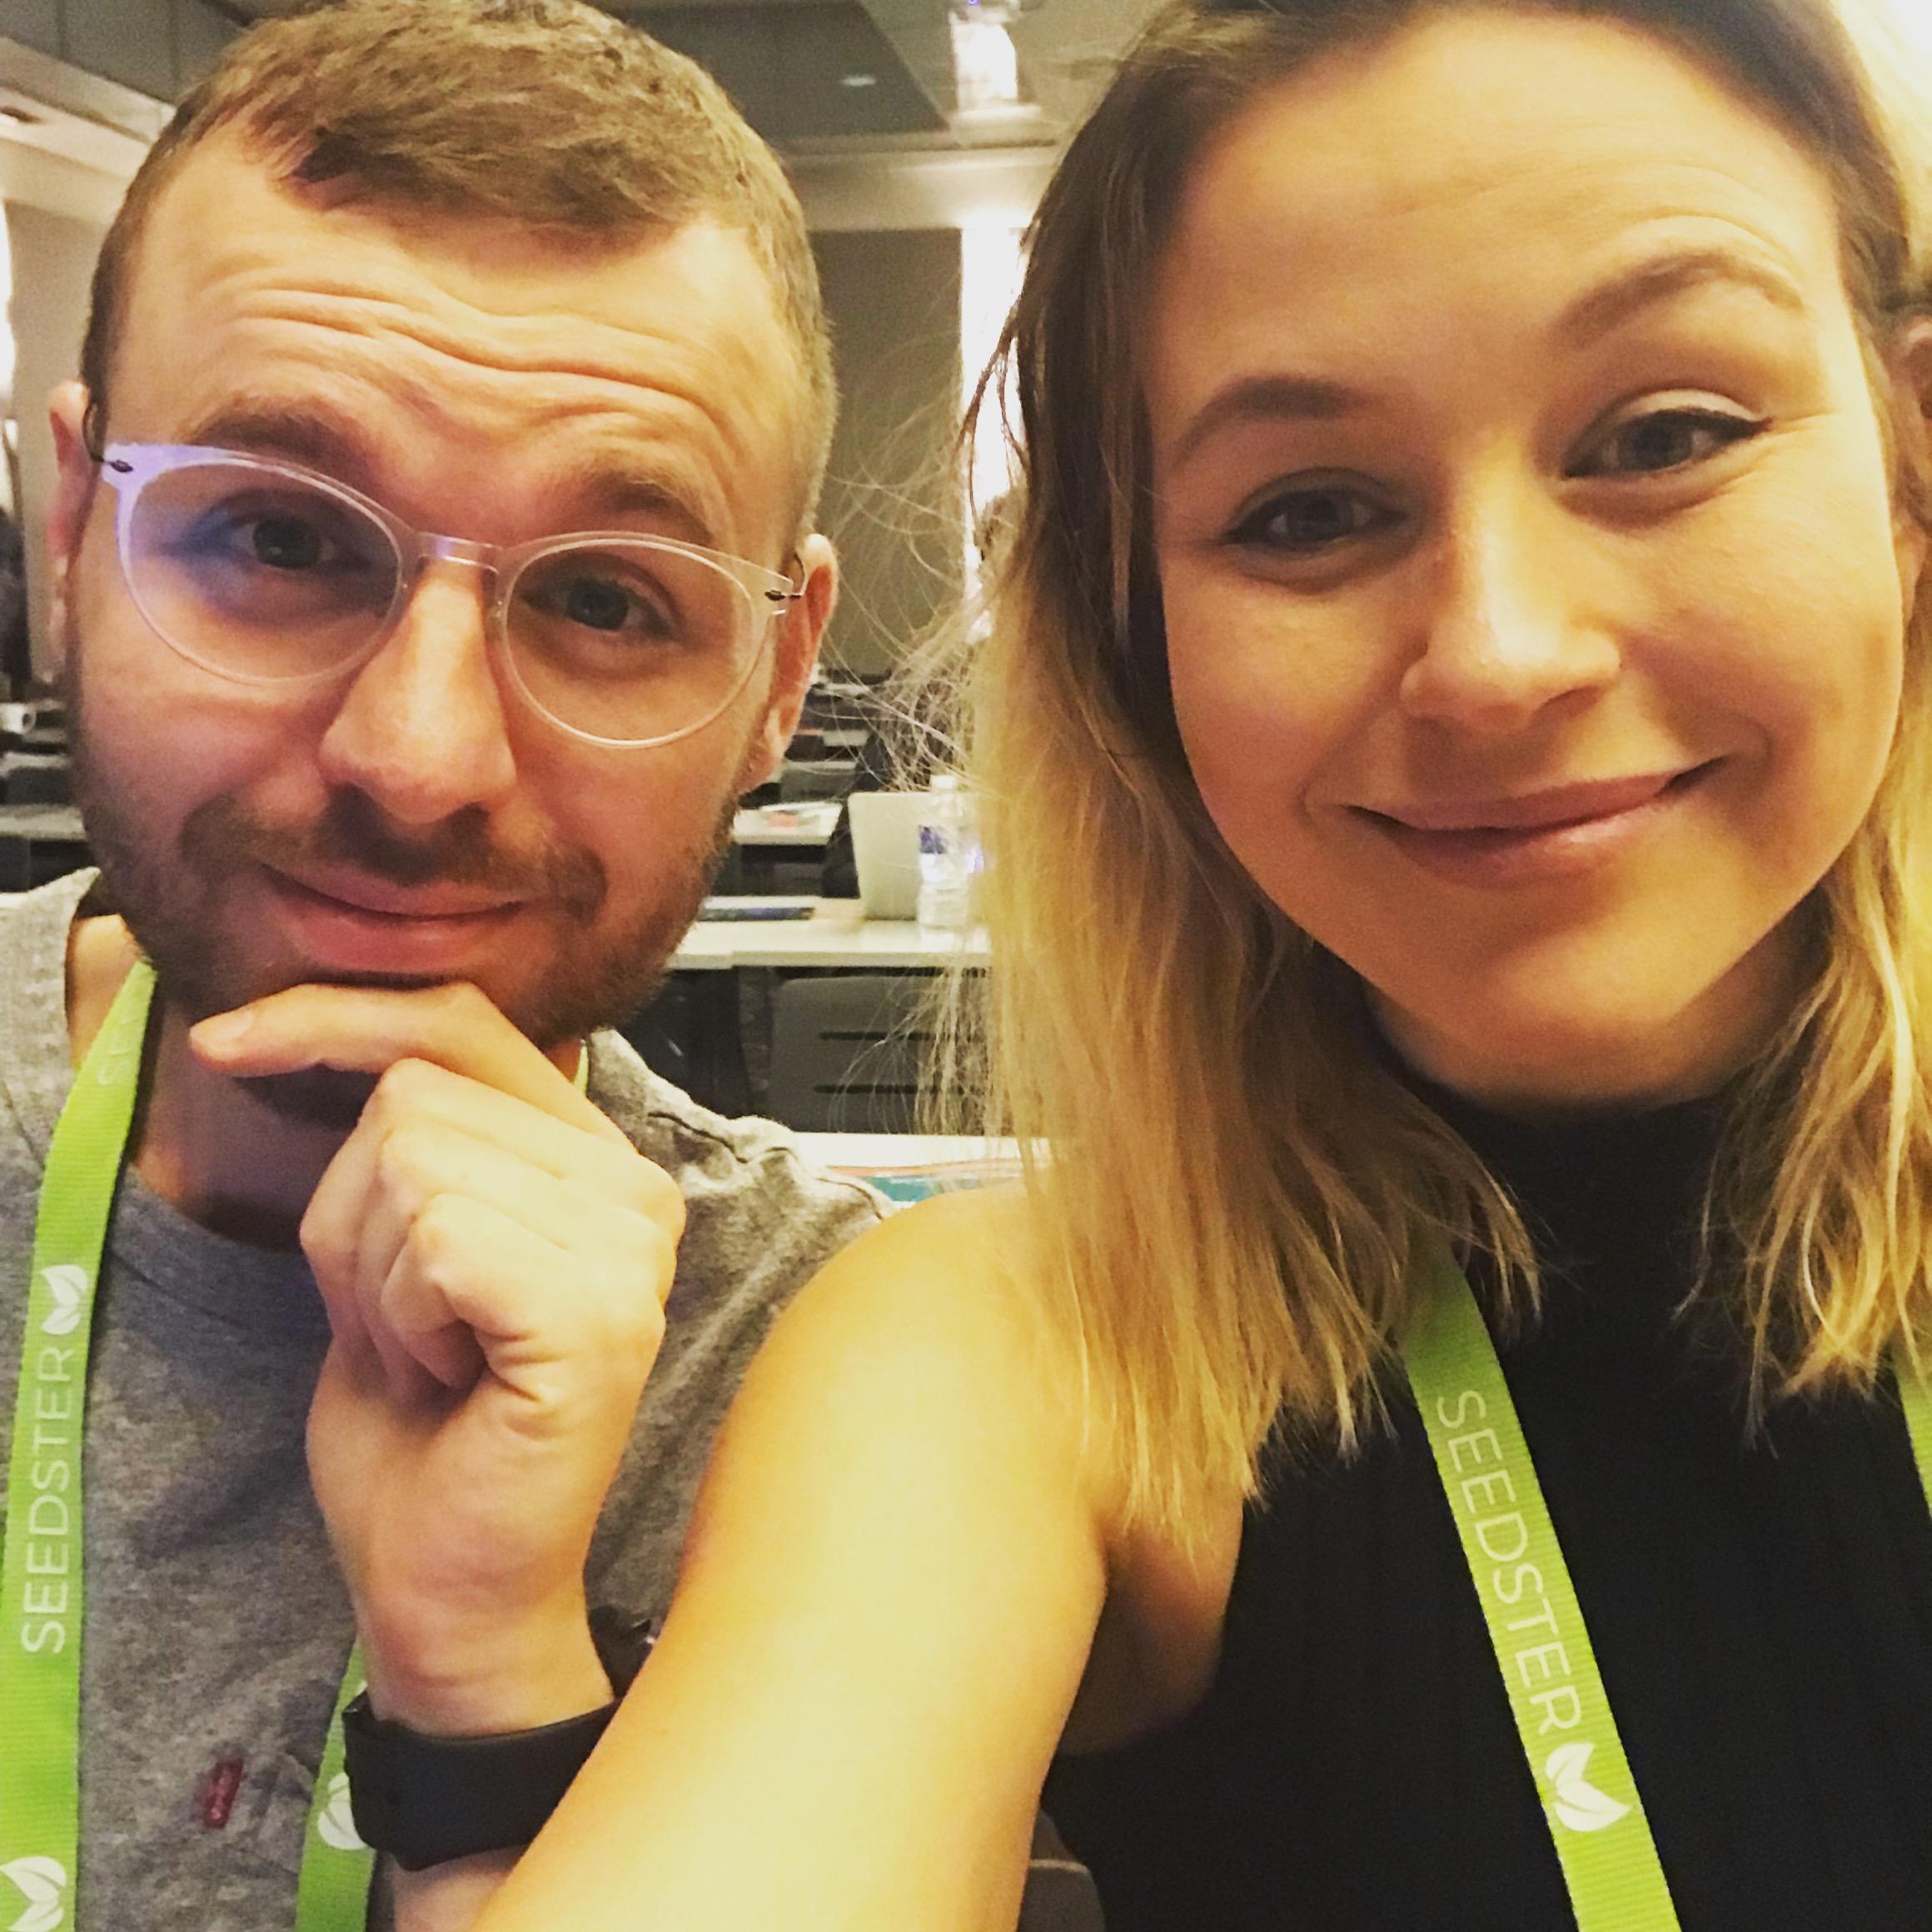 Anders og Anja på konference